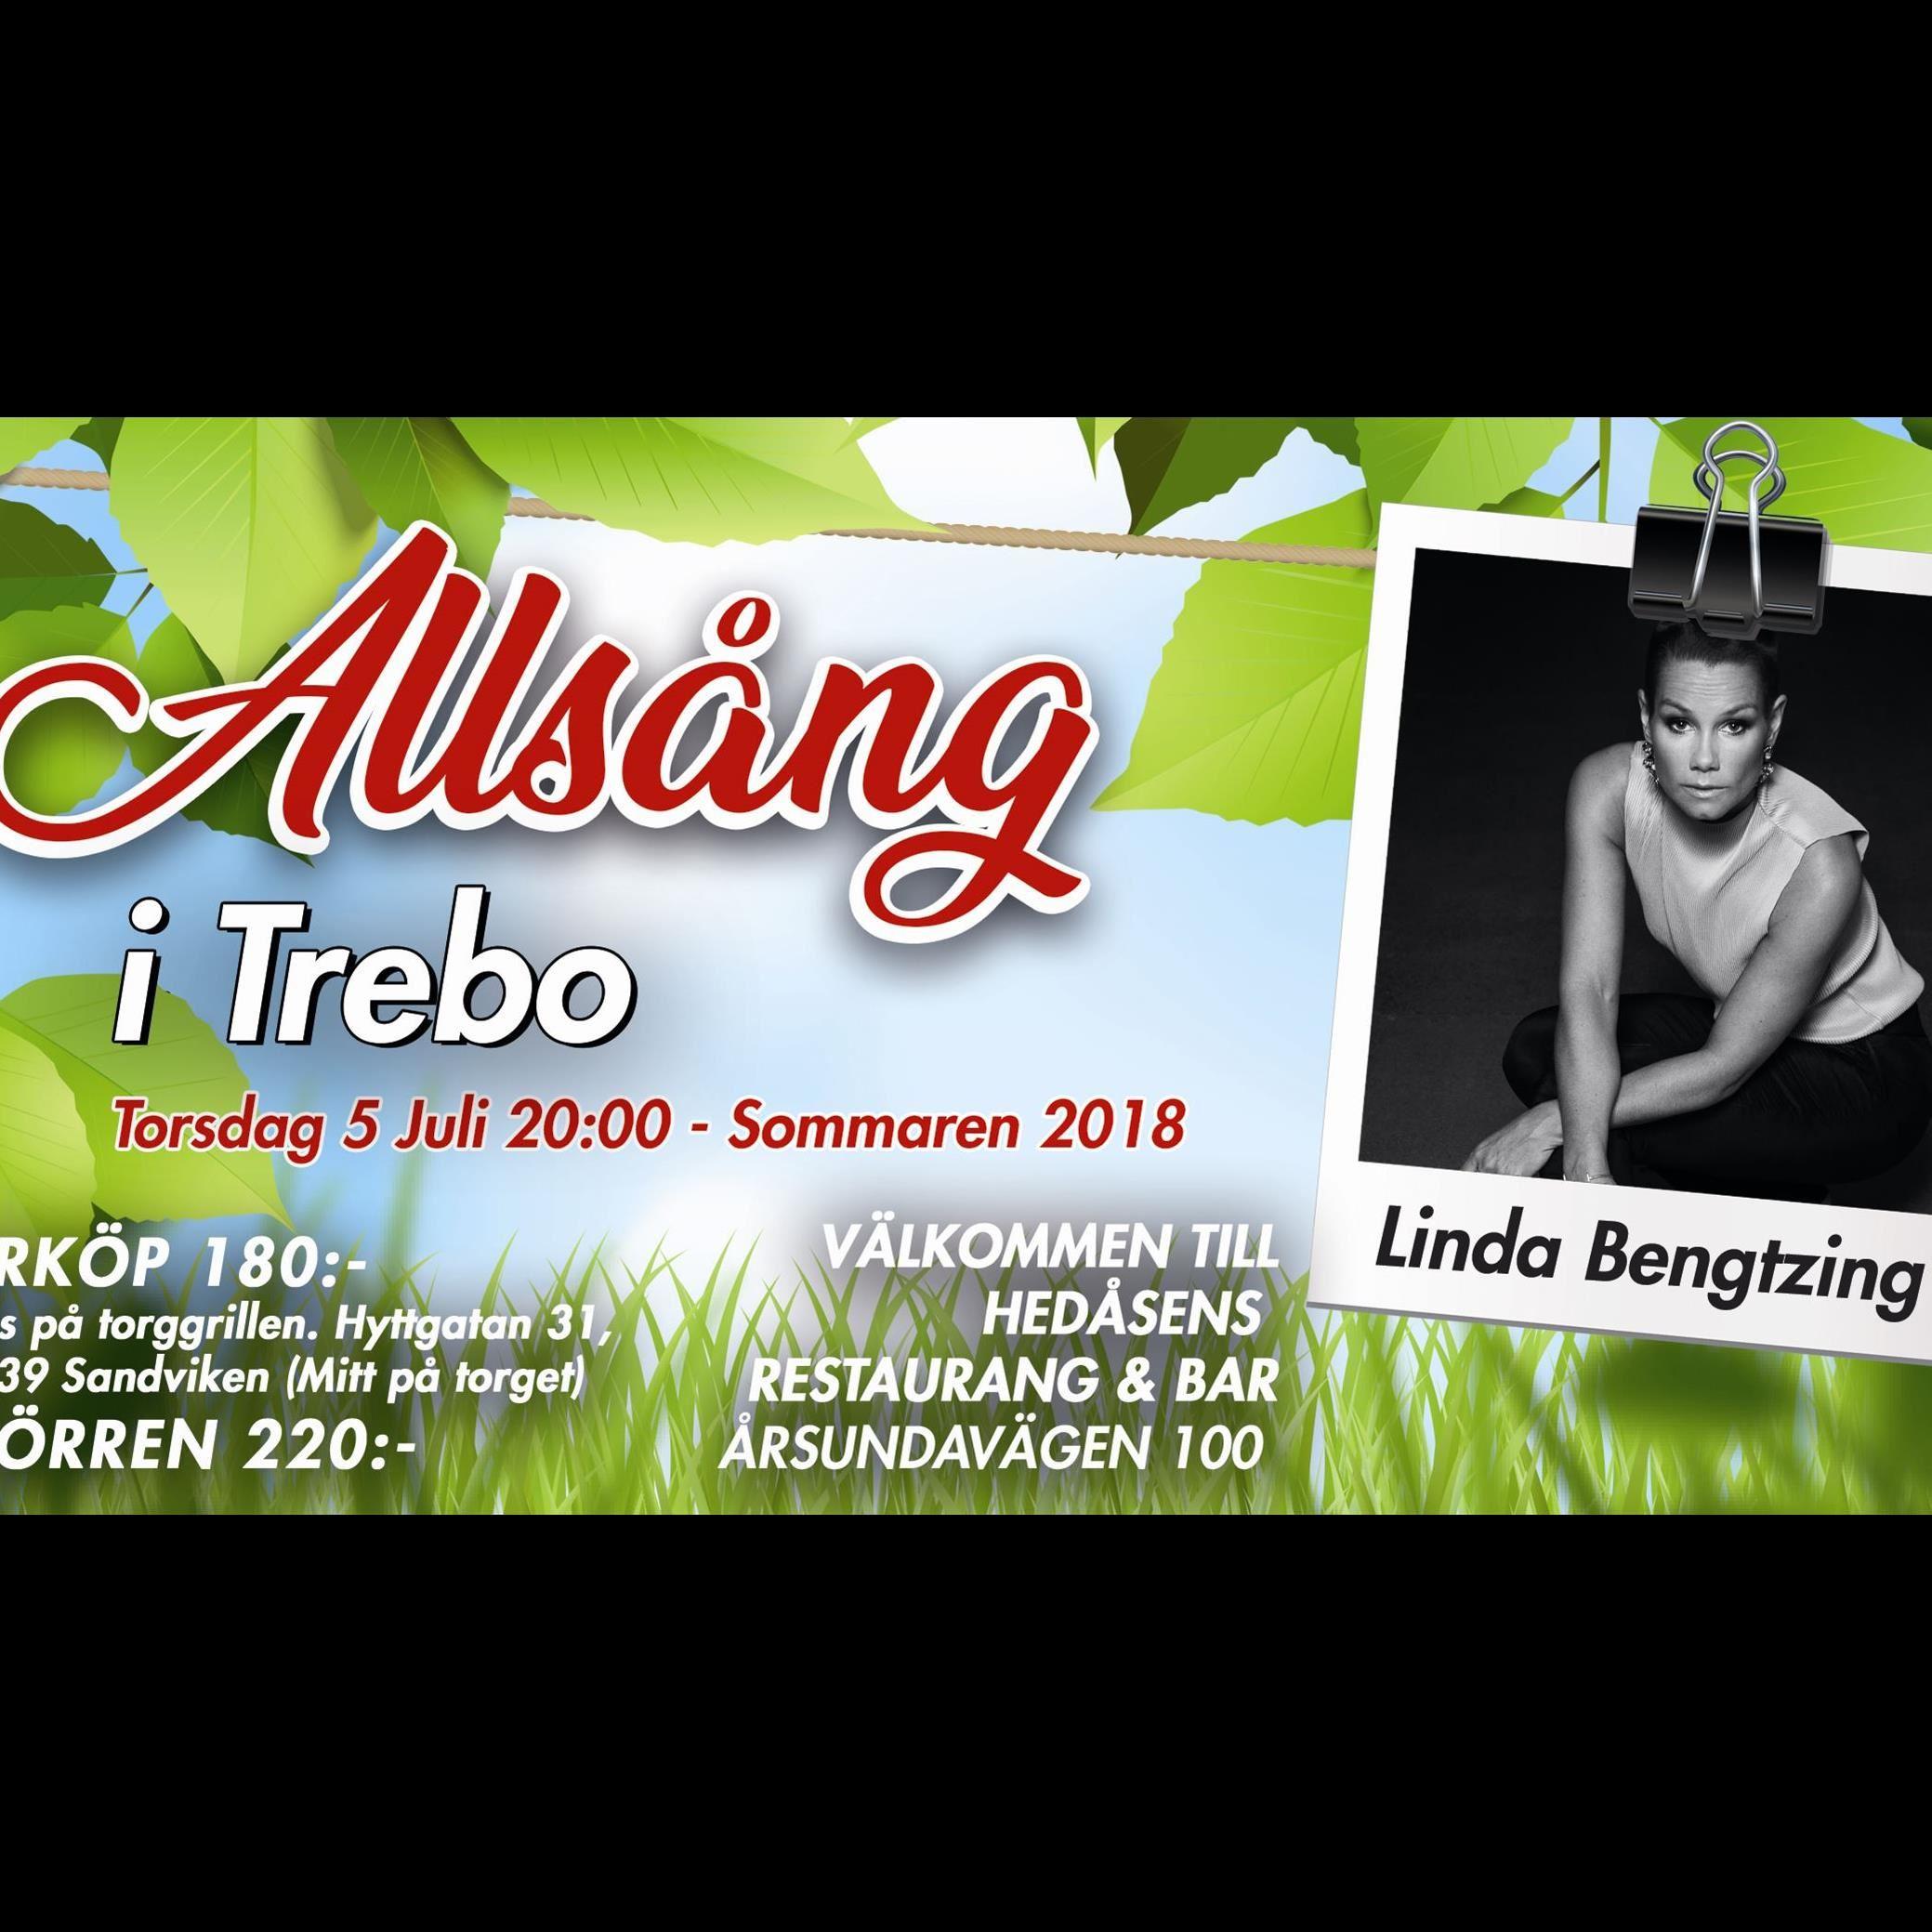 Allsång i Trebo